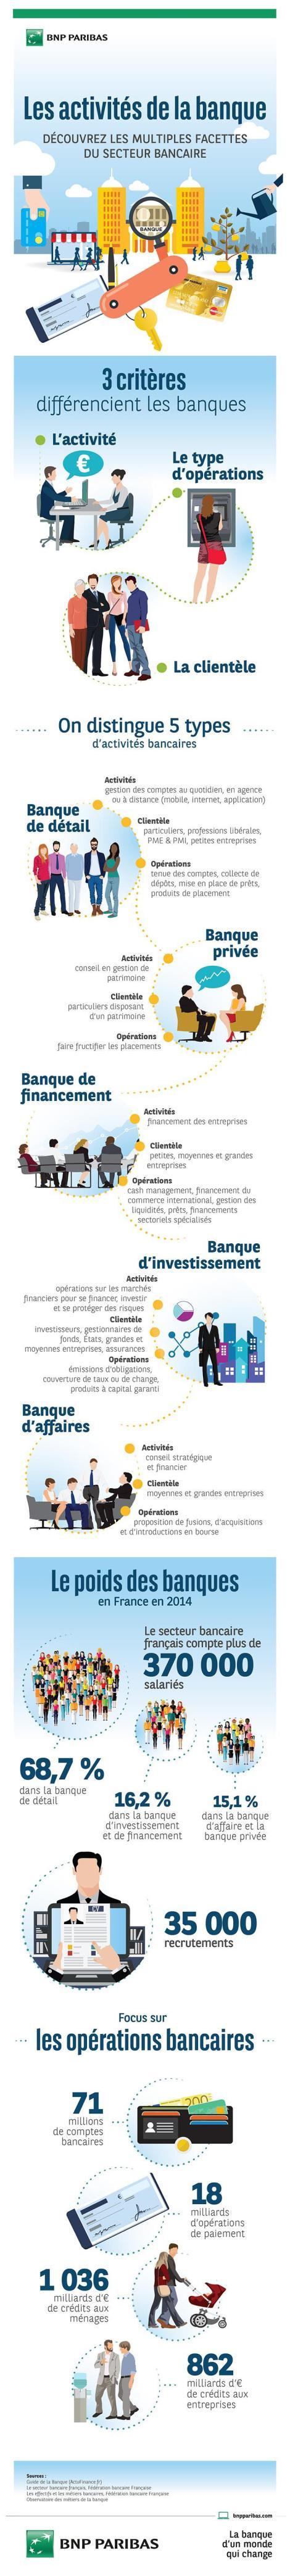 2BNPParibas_Infographie_activit_s-banque_VF_011215_WA